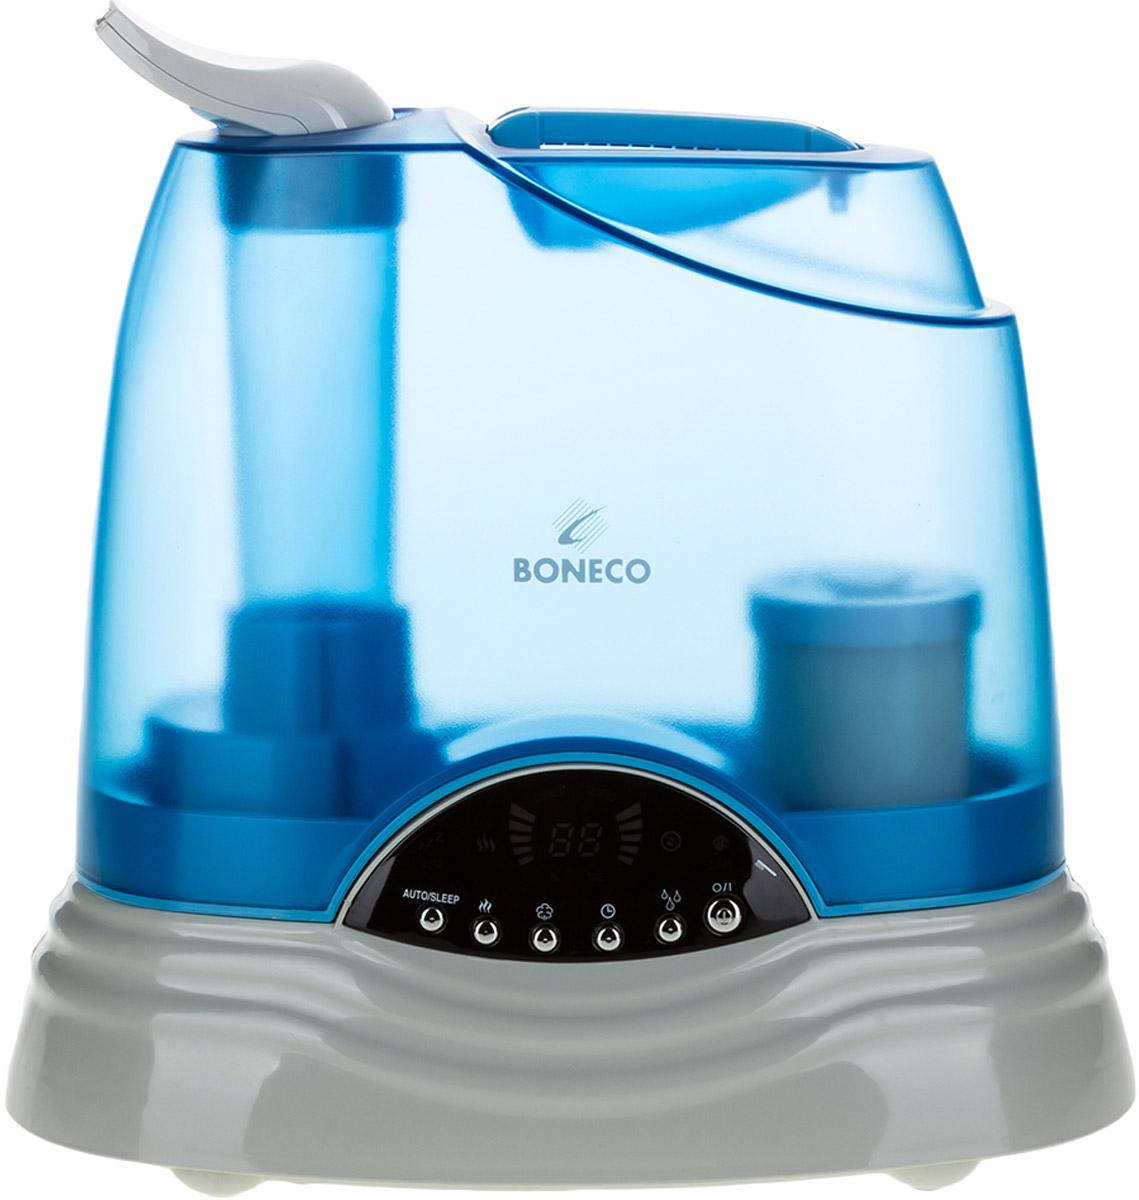 Boneco U7135 ультразвуковой увлажнитель воздухаНС-1082224Ультразвуковой увлажнитель воздуха Boneco U7135 — прибор с зеркальным дисплеем и электронным управлением, удачно сочетающий 2 вида увлажнения – «холодный» и «теплый пар». Увлажнитель Boneco U7135 экономичен с точки зрения расхода электроэнергии, работает с низким уровнем шума и удобен в управлении. К тому же, прибор оборудован встроенным гигростатом, который поддерживает заданный уровень влажности в помещении. Информативный ЖК-дисплей прибора значительно облегчит его эксплуатацию, отображая режим работы, текущую и заданную влажность в помещении. Сменный фильтр-картридж с ионообменной смолой смягчает и обеззараживает воду, а функция нагрева воды (пастеризация) гарантирует гигиенически чистый пар и повышает эффективность увлажнения. Увлажнитель Boneco U7135 самостоятельно контролирует «собственное здоровье»: в увлажнителе предусмотрен датчик загрязнения, который загорается в случае необходимости почистить прибор.